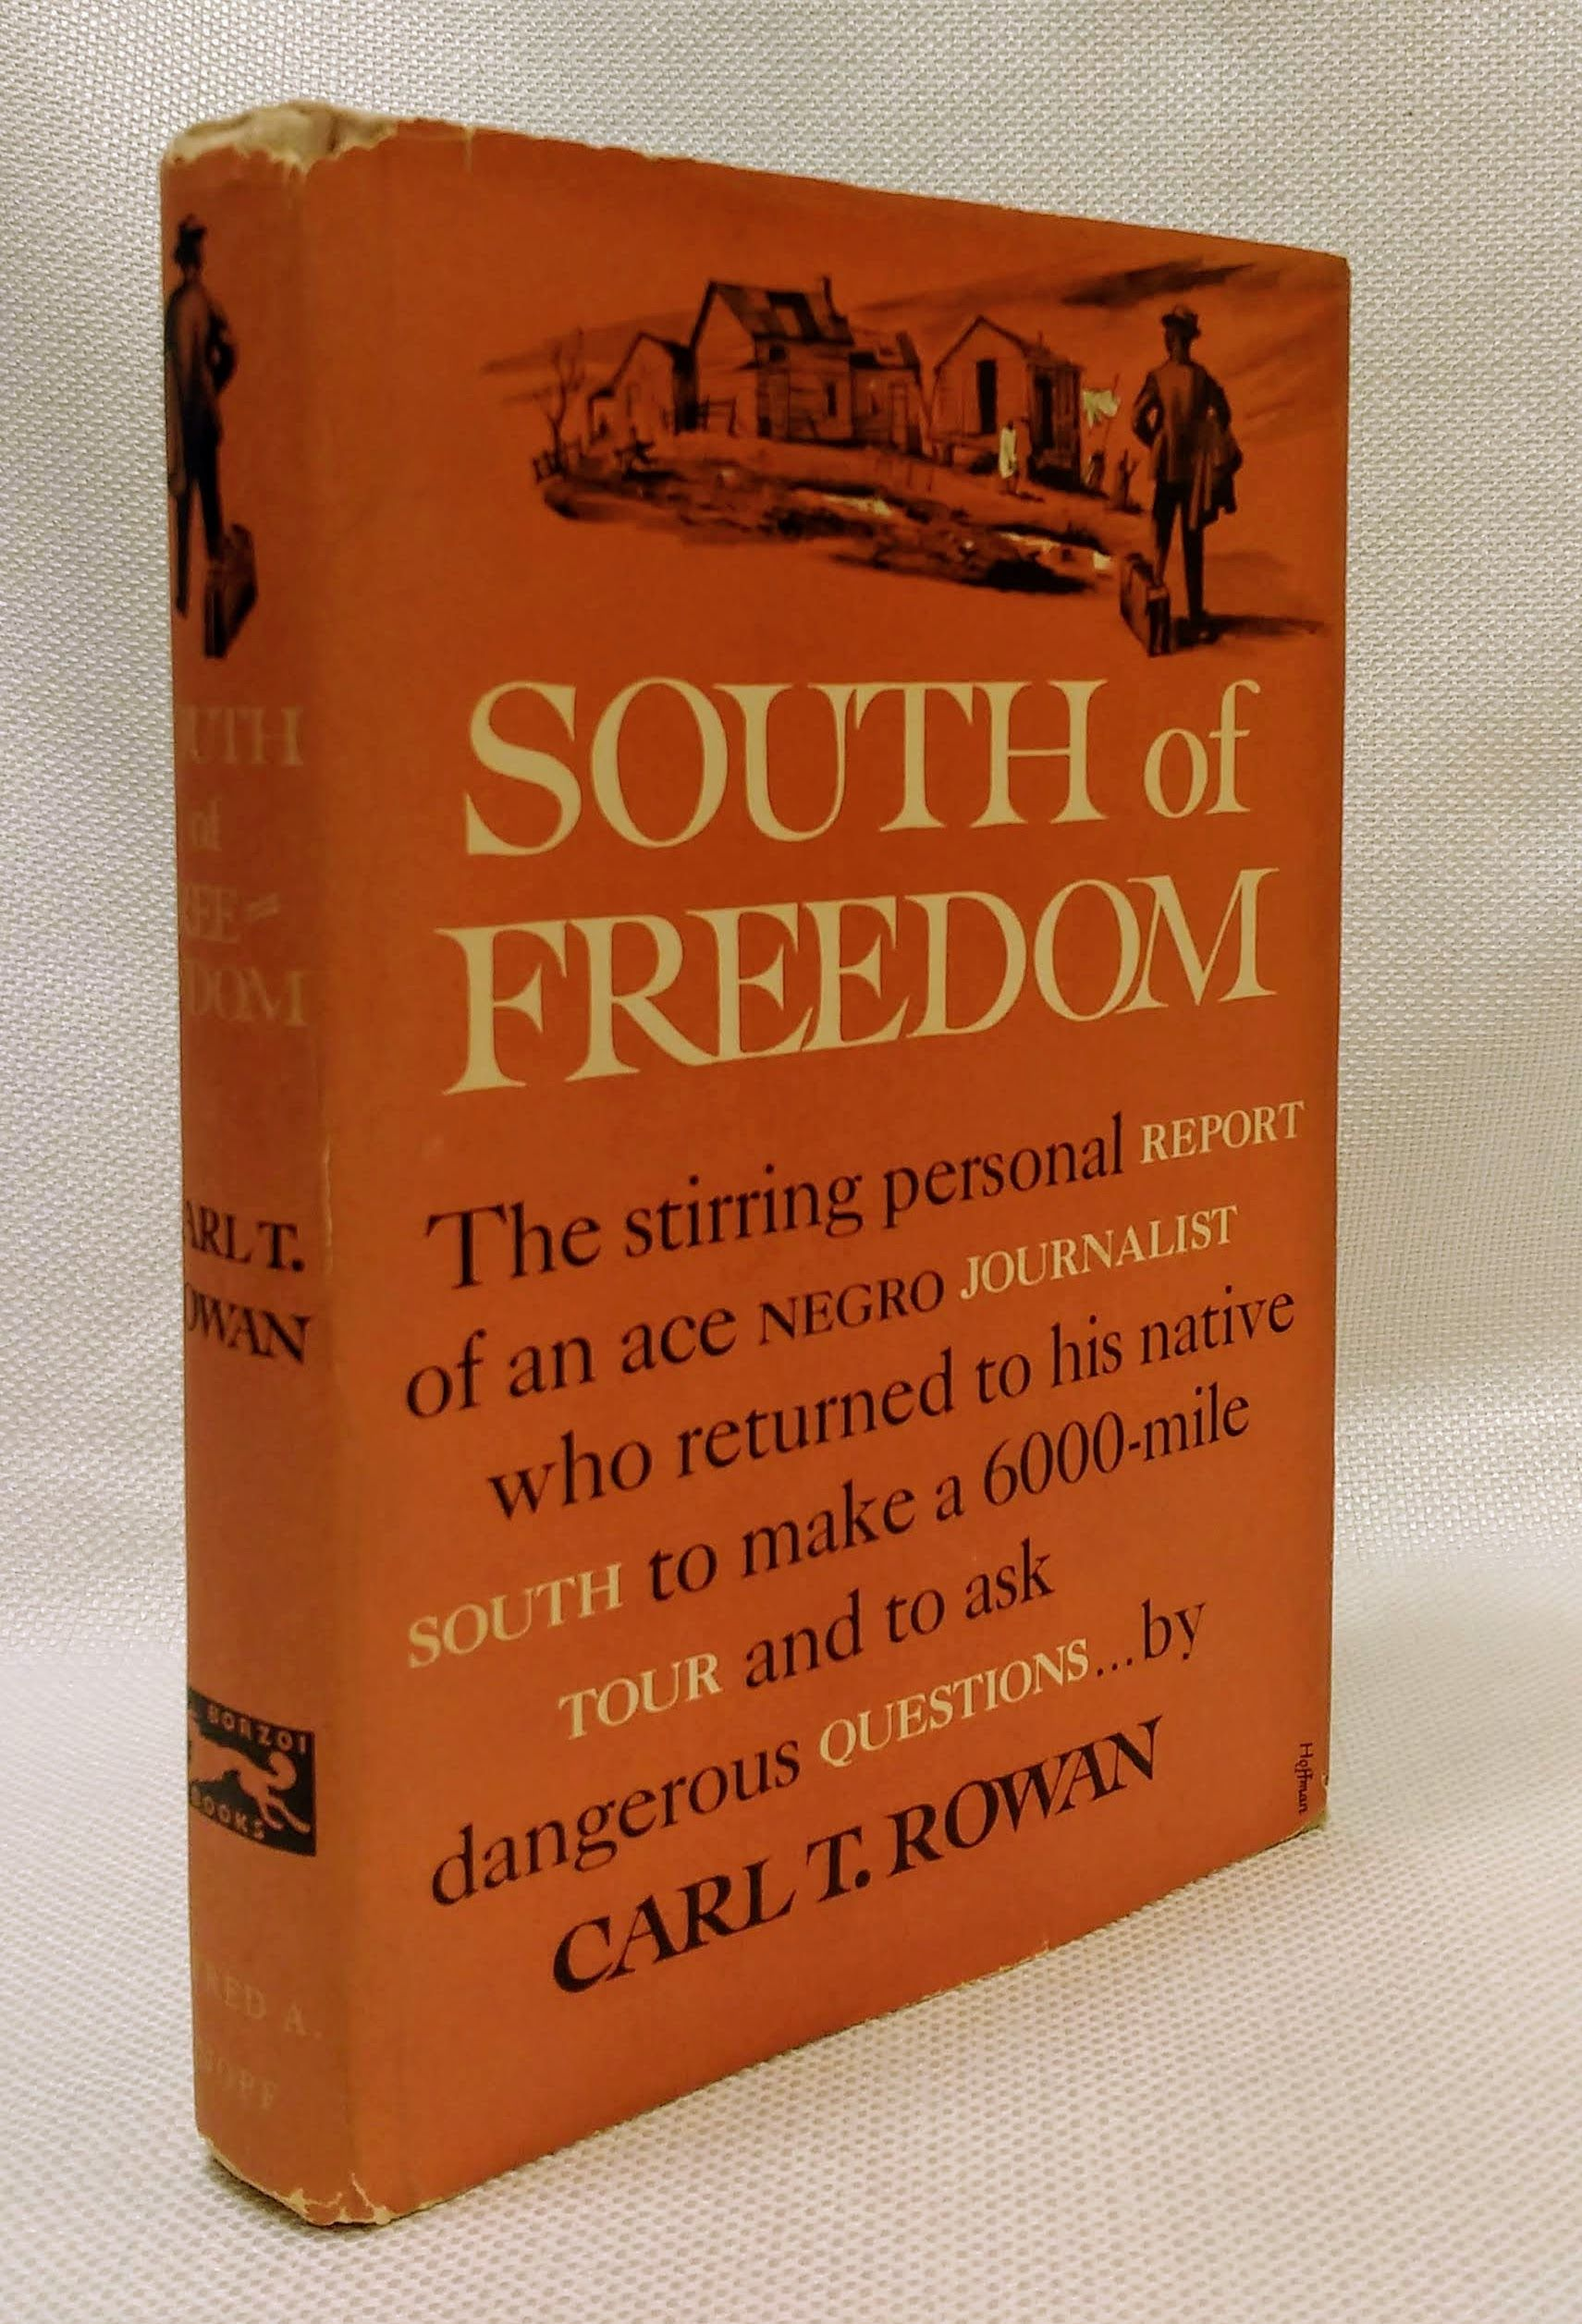 SOUTH OF FREEDOM, Rowan, Carl T.